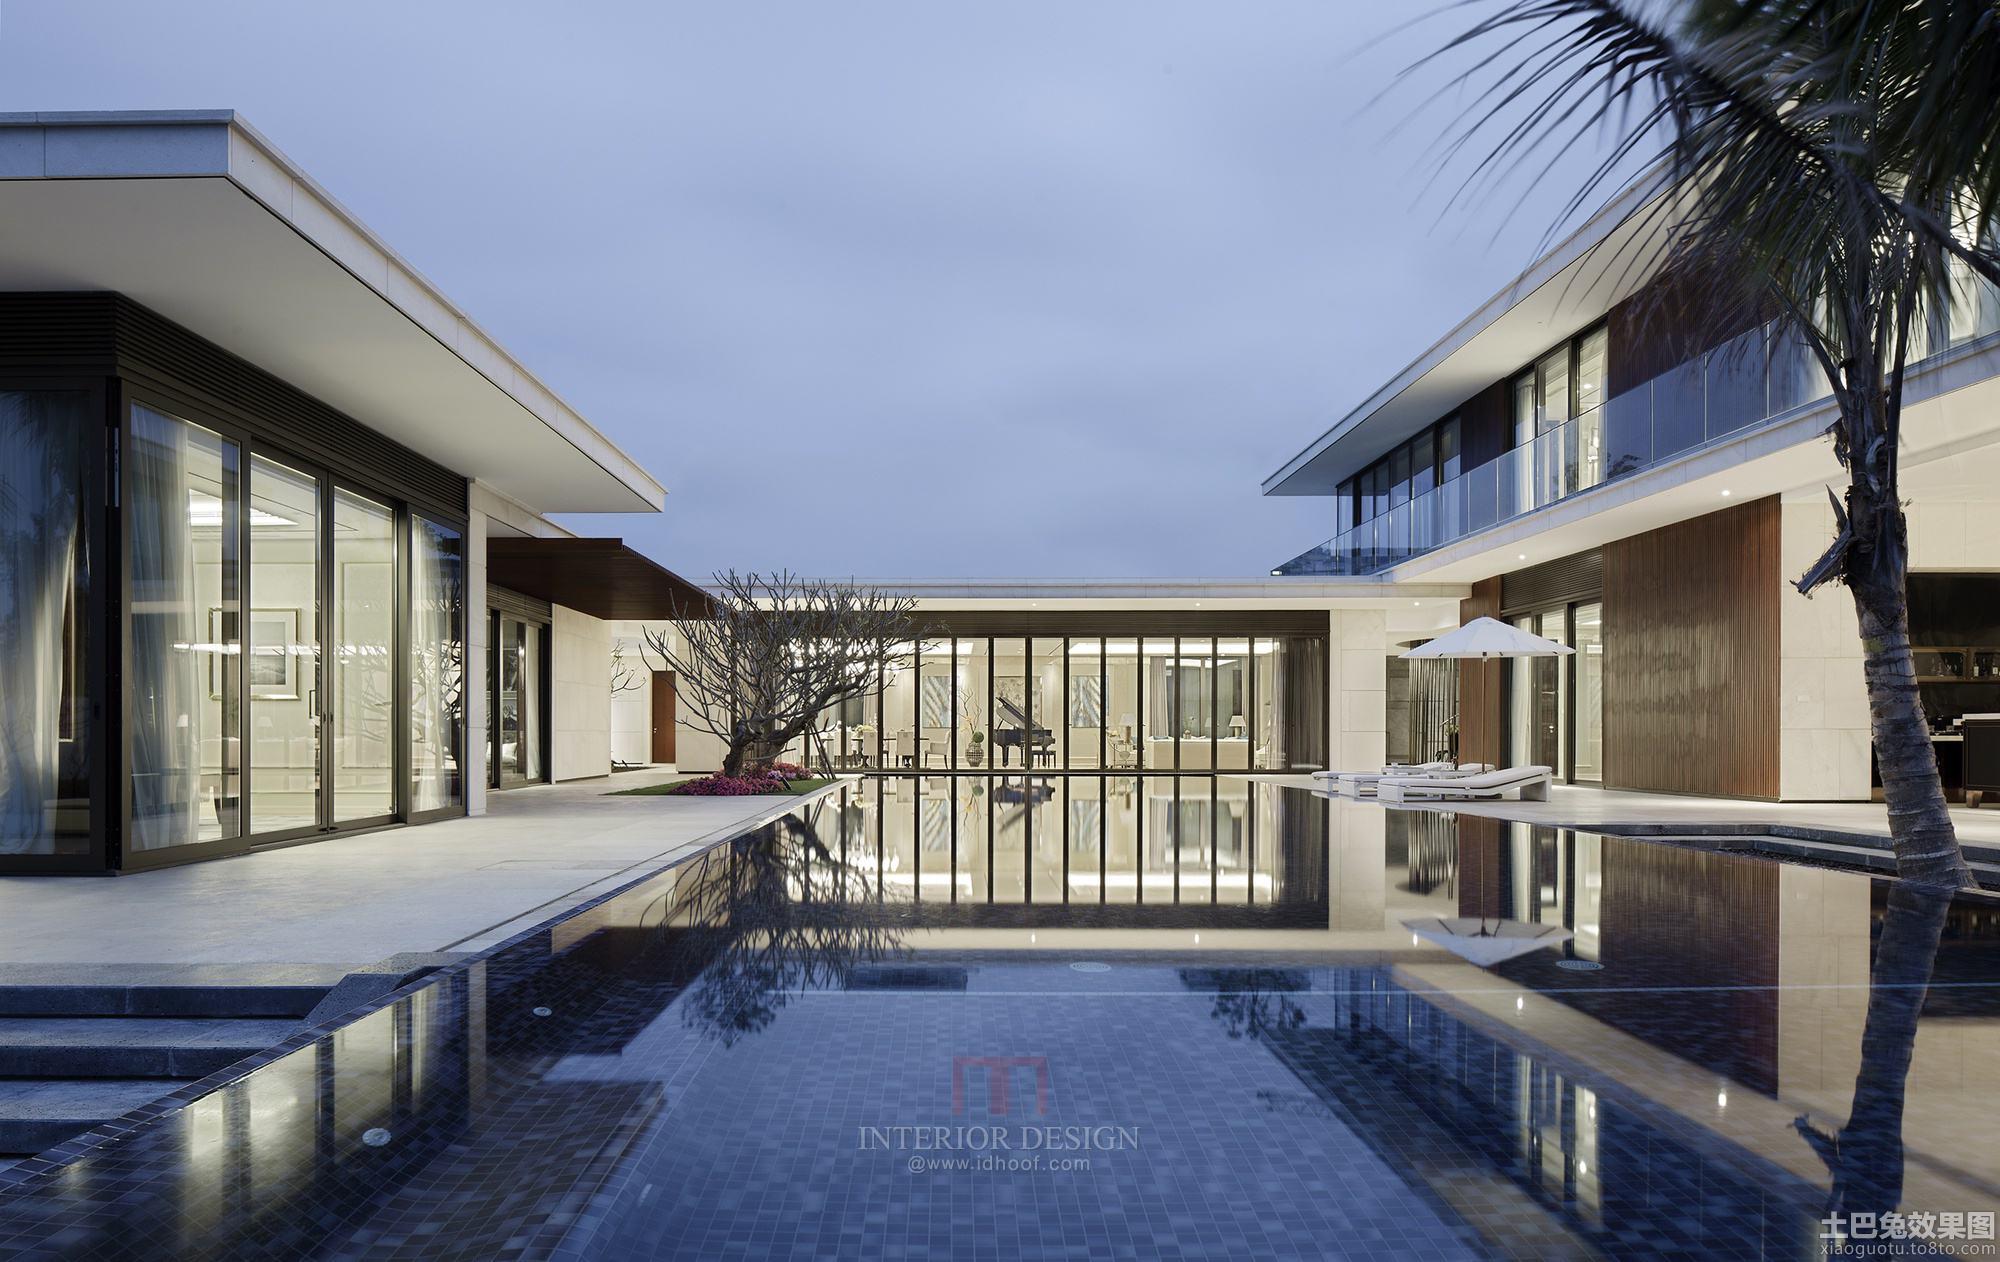 豪华别墅游泳池装修效果图片大全装修效果图